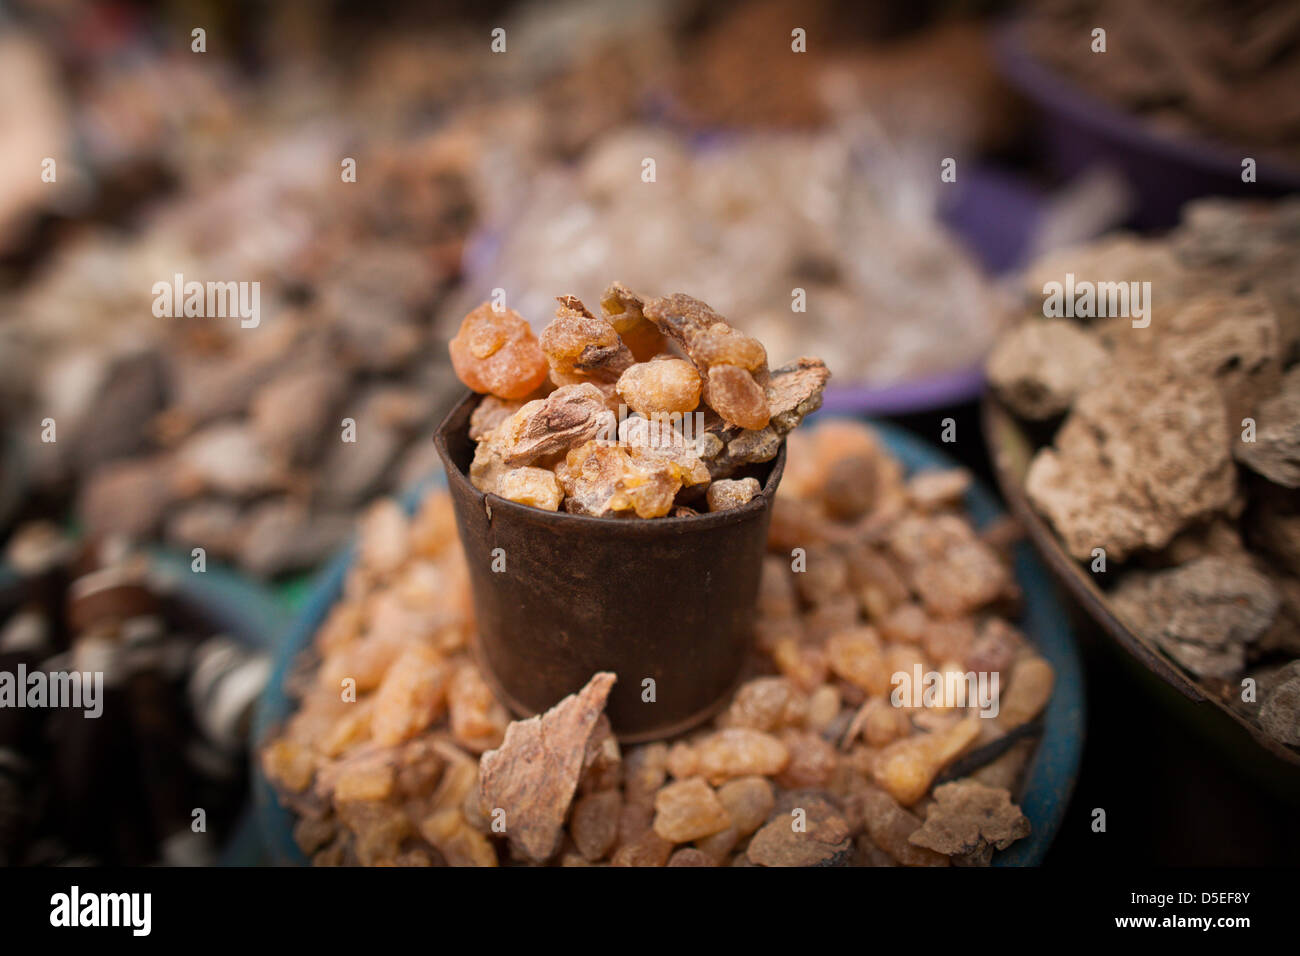 Diversi medicinali tradizionali, tra cui la mirra nel mercato del legname, Accra, Ghana. Immagini Stock